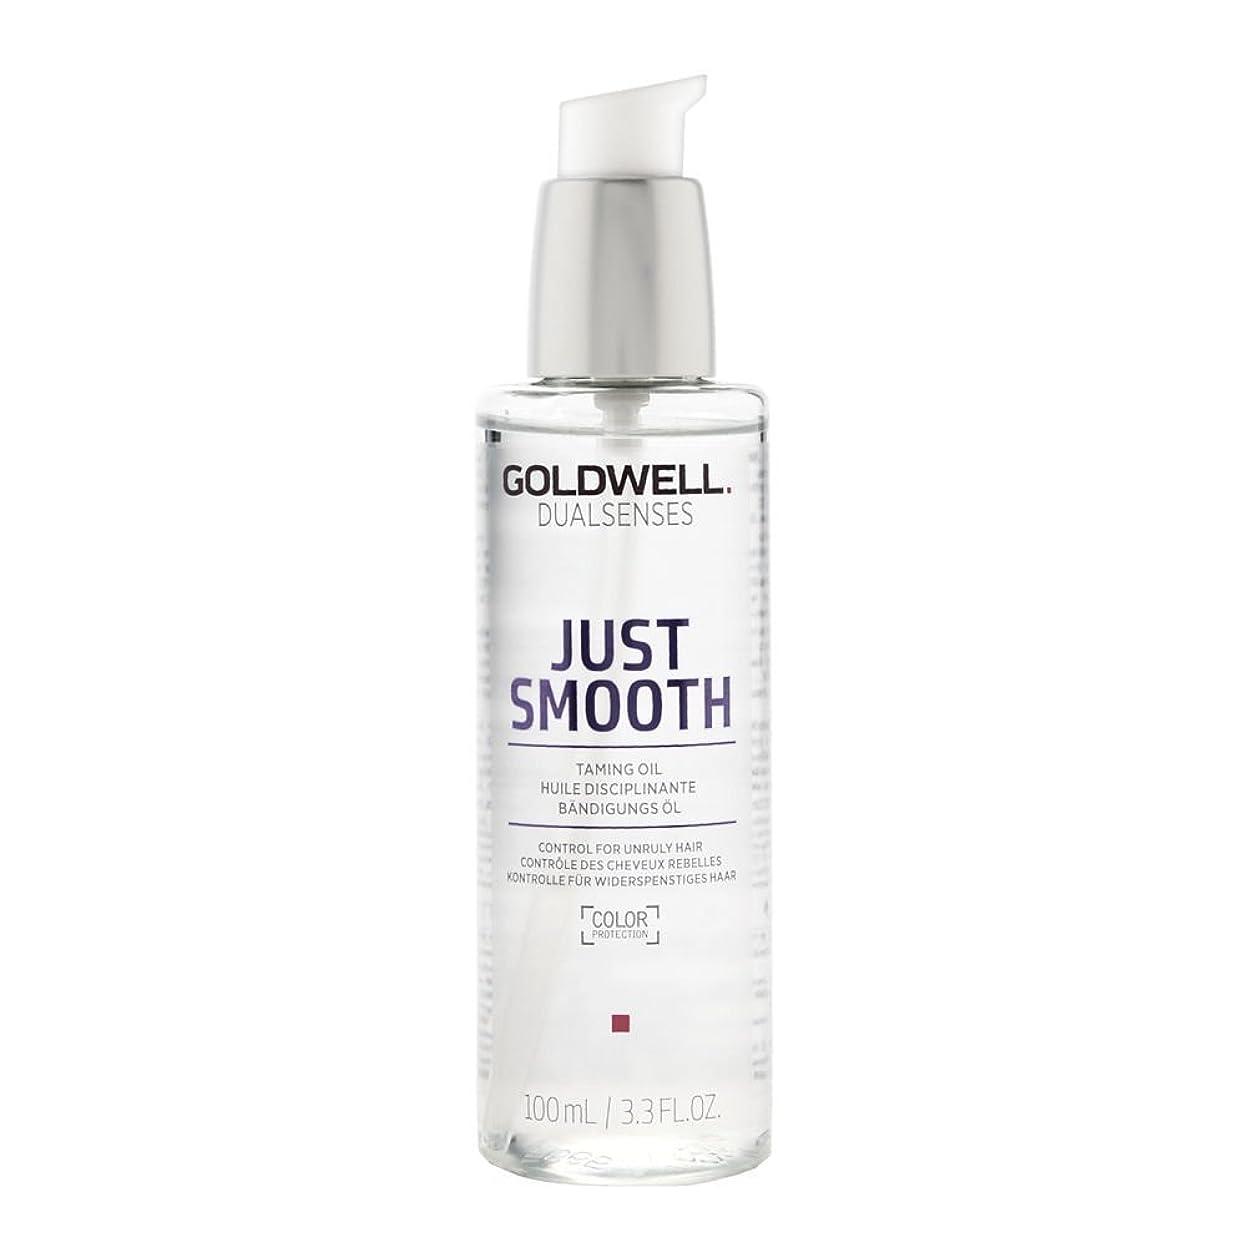 十分ではない持続するアーカイブゴールドウェル Dual Senses Just Smooth Taming Oil (Control For Unruly Hair) 100ml/3.3oz並行輸入品